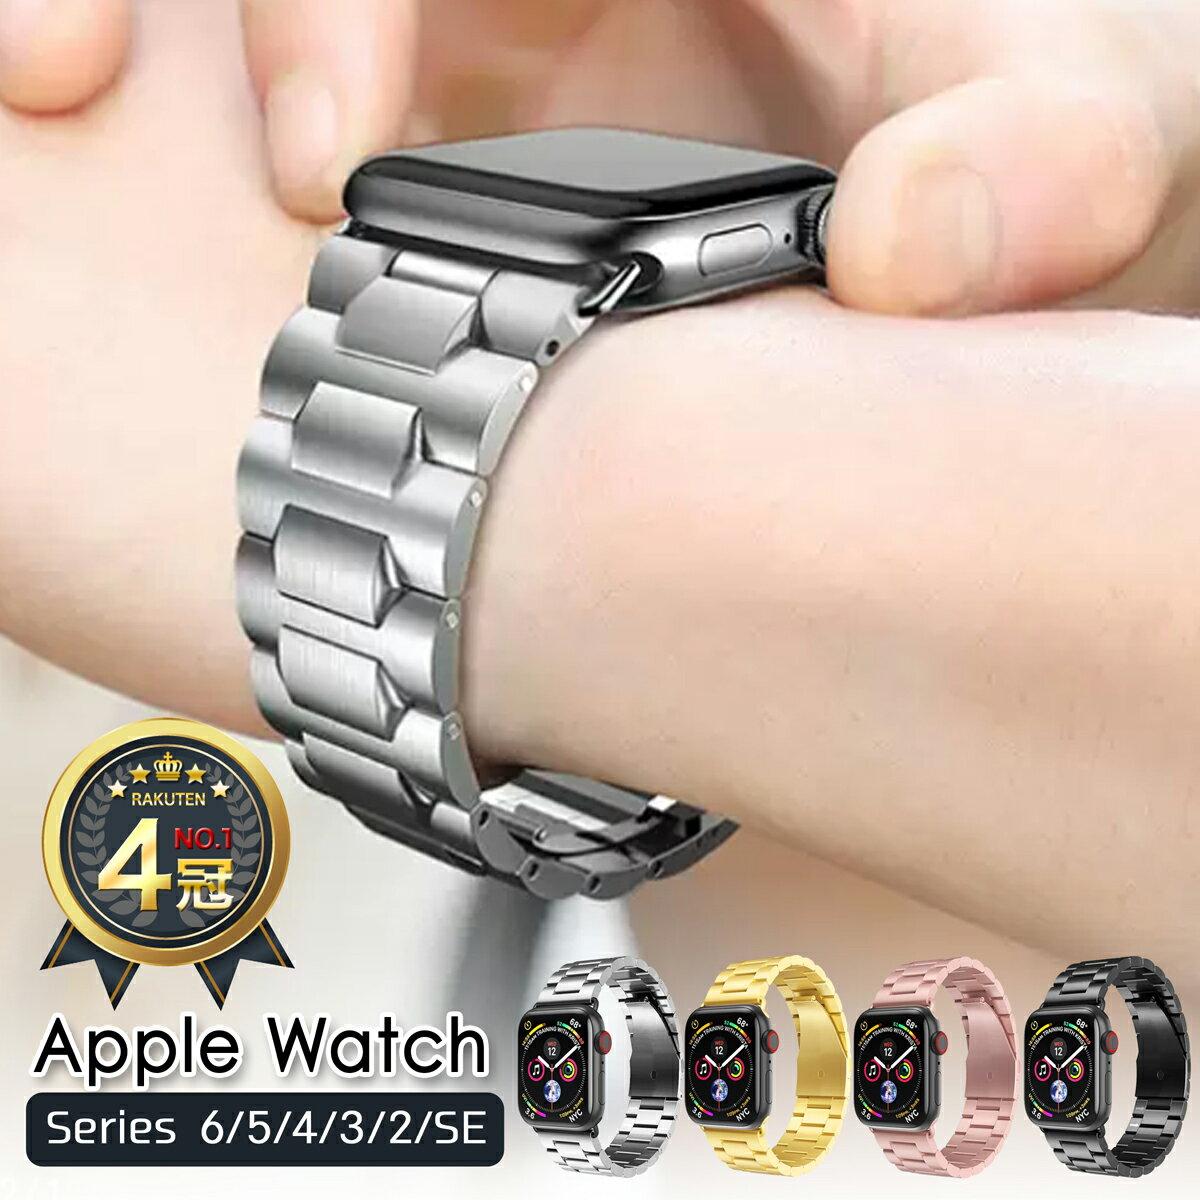 腕時計用アクセサリー, 腕時計用ベルト・バンド 4 Apple Watch 38mm 42mm 40mm 44mm Series1 2 3 4 5 6 SE applewatch 3 applewatch4